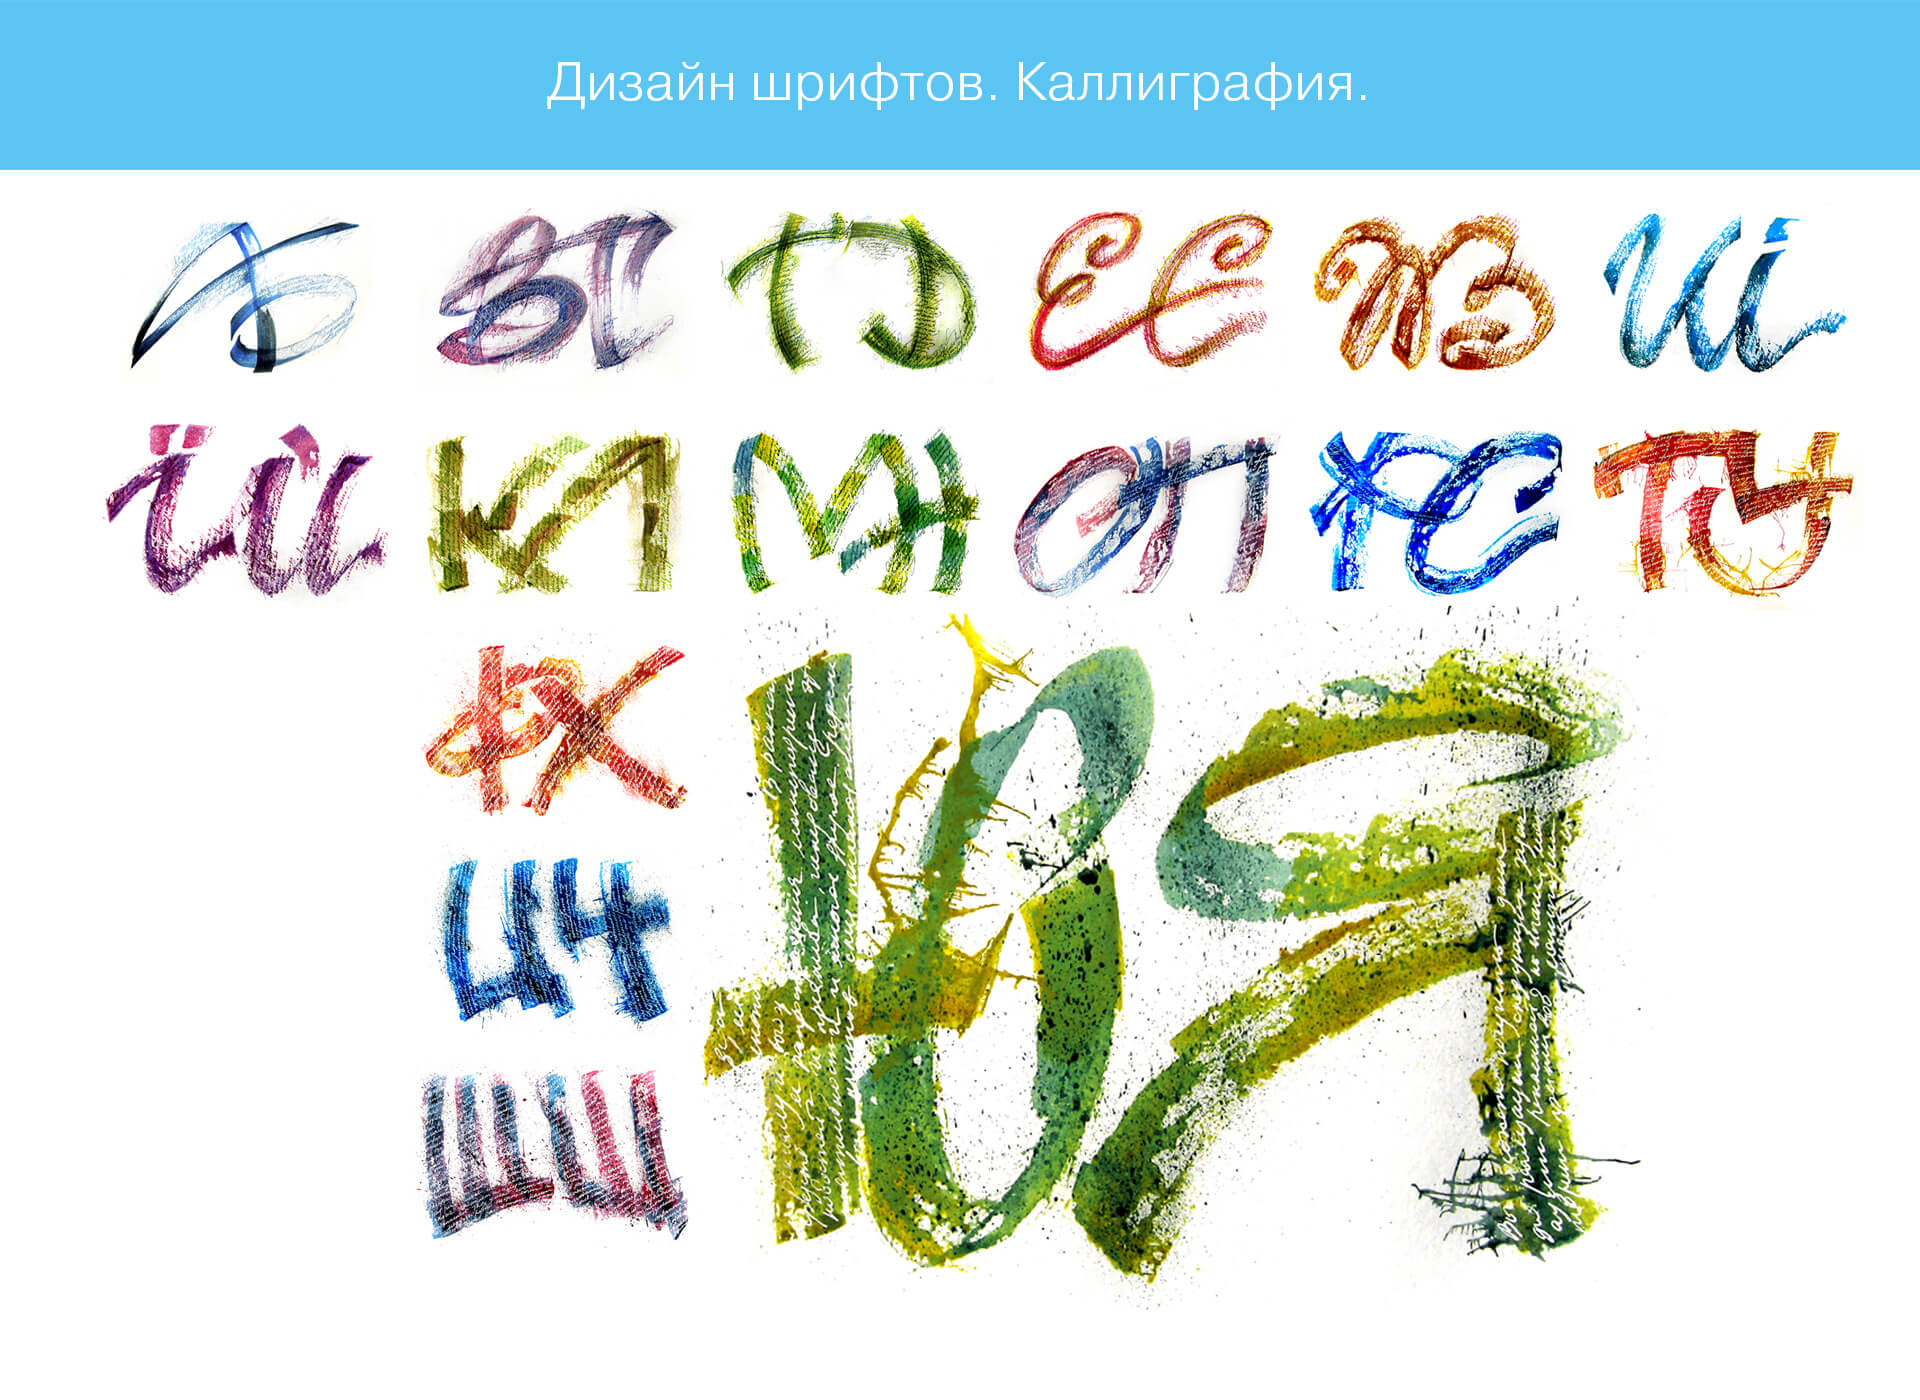 prokochuk_irina_font-design_calligraphy_1